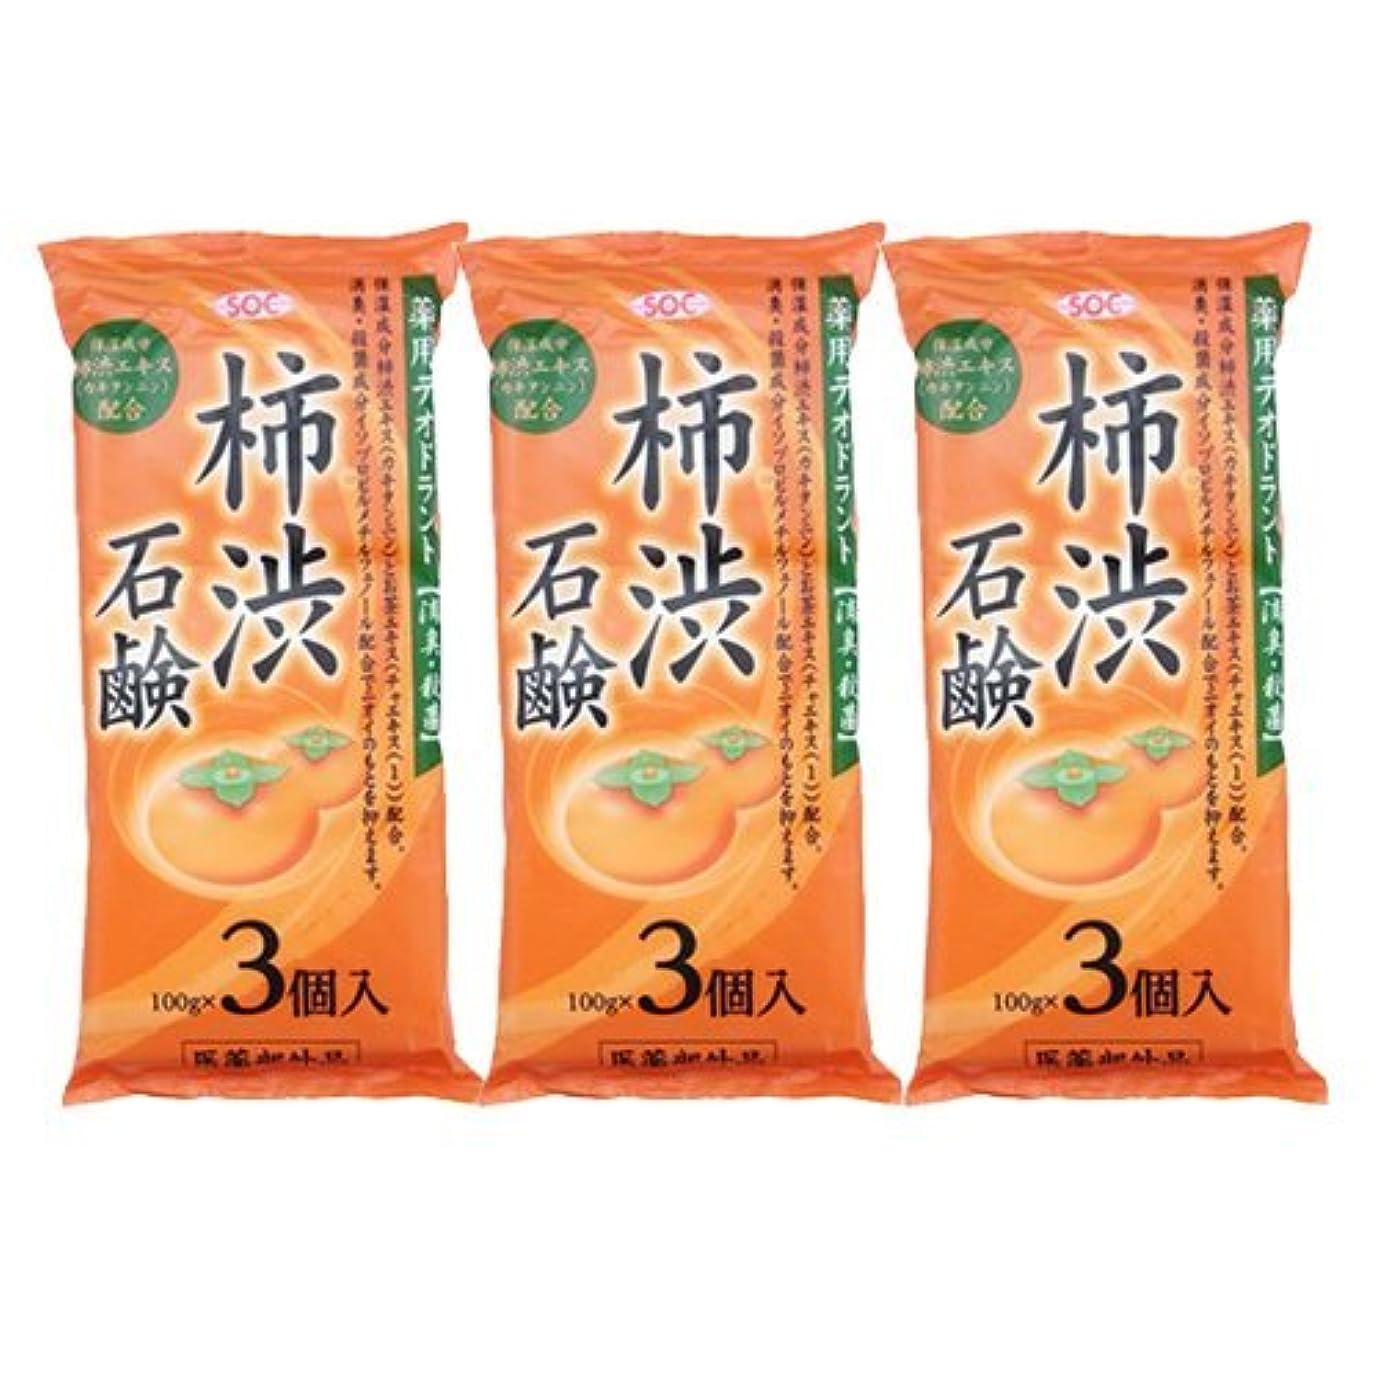 戦うダンスアスレチック渋谷油脂 SOC 薬用柿渋石鹸 3P ×3袋セット (100g×9個)